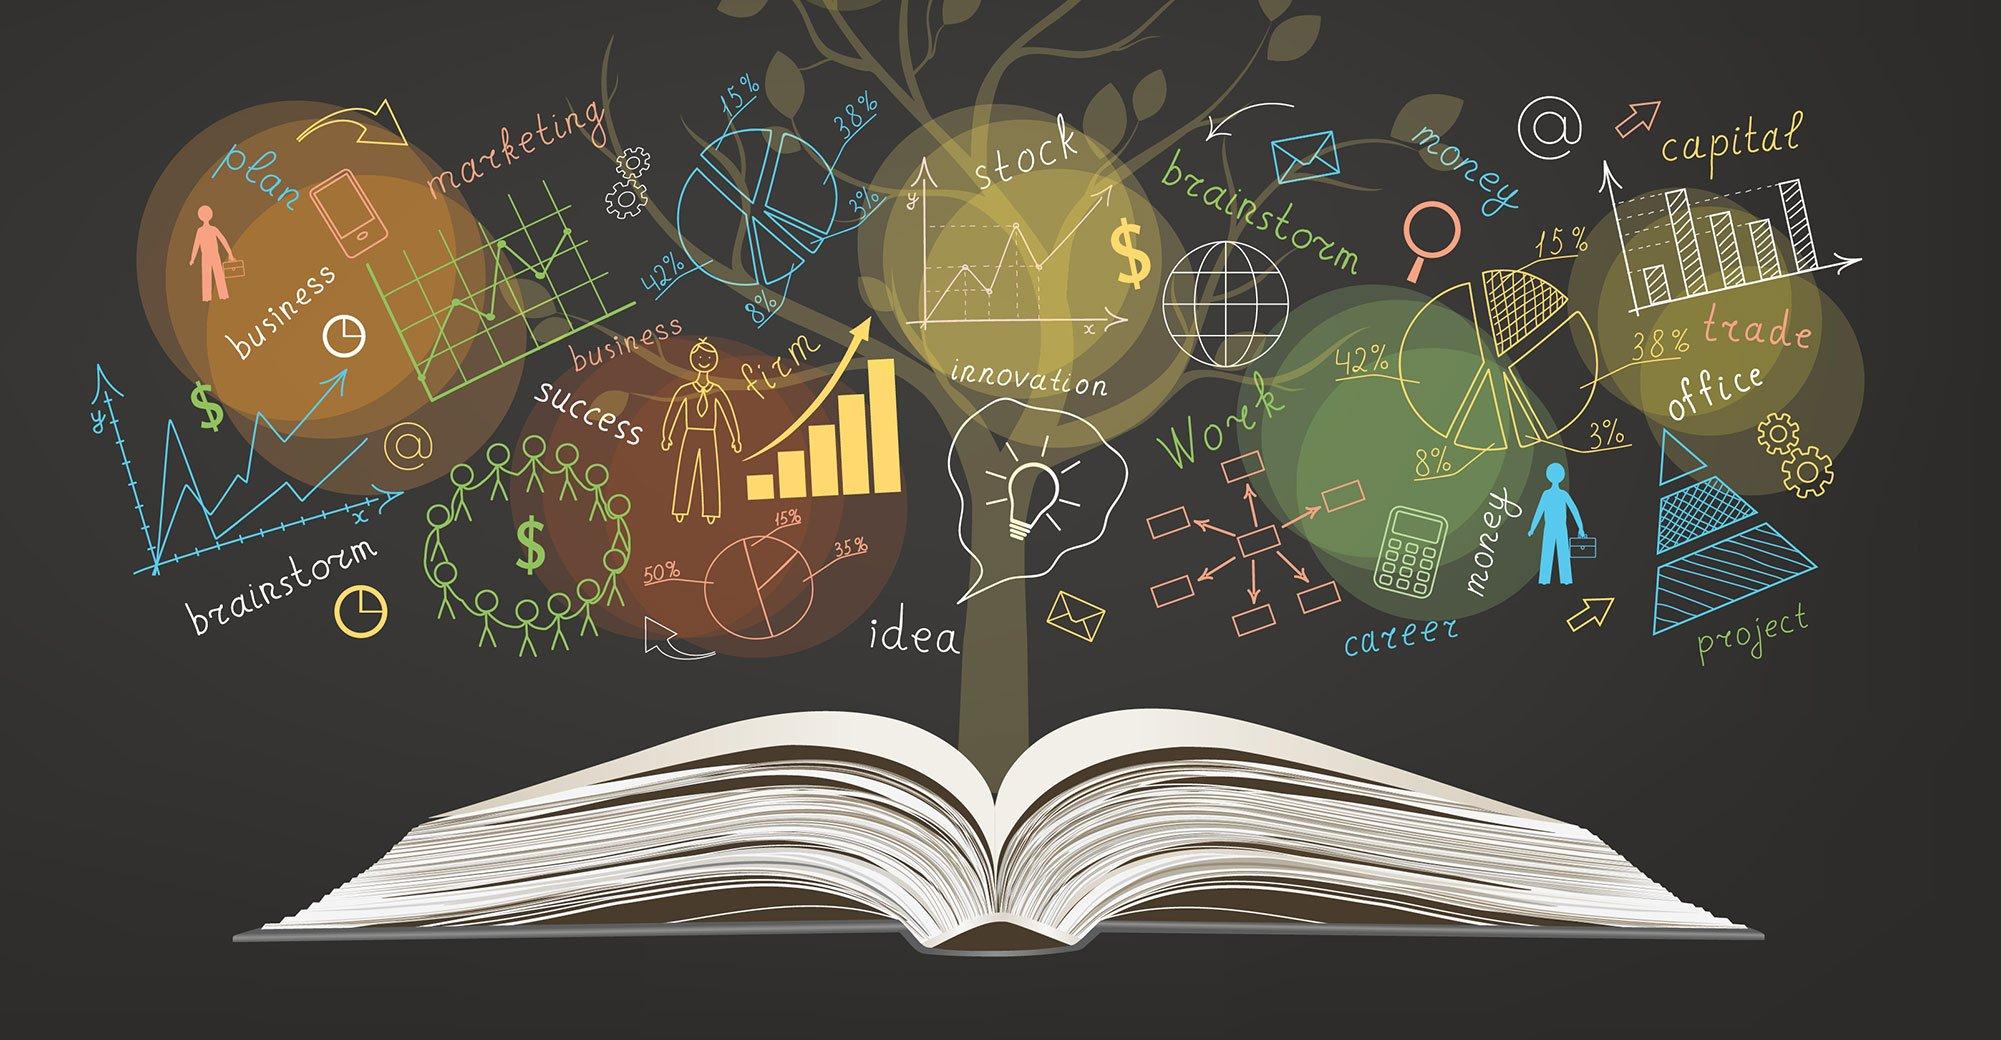 Ten Best Business Books of 2019 for Financial Advisors